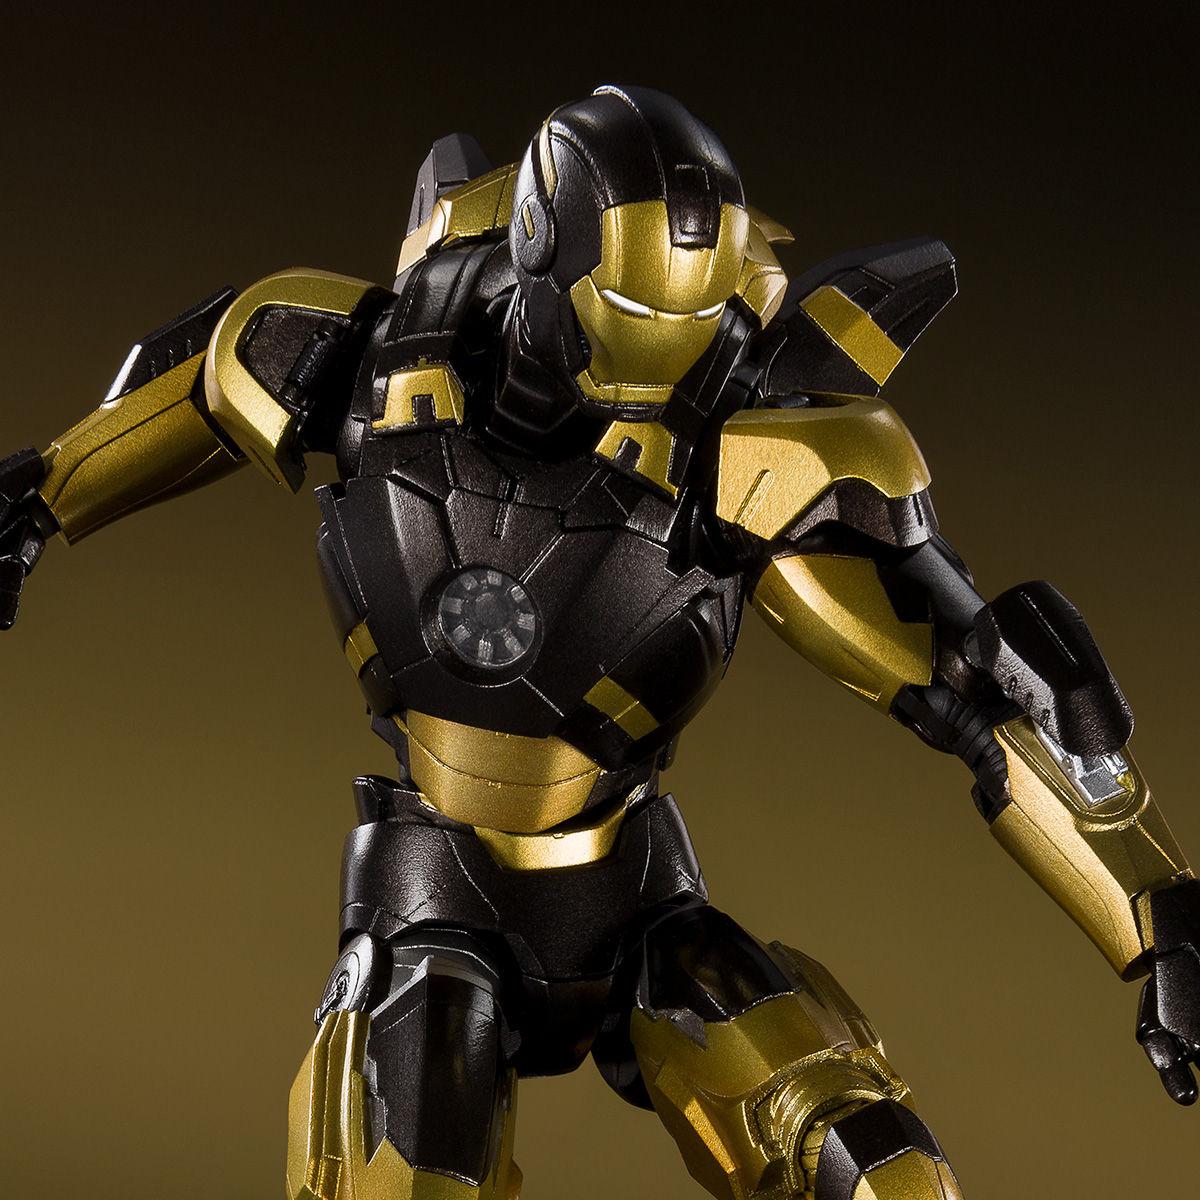 S.H.フィギュアーツ『アイアンマン マーク20 パイソン』アイアンマン3 可動フィギュア-001